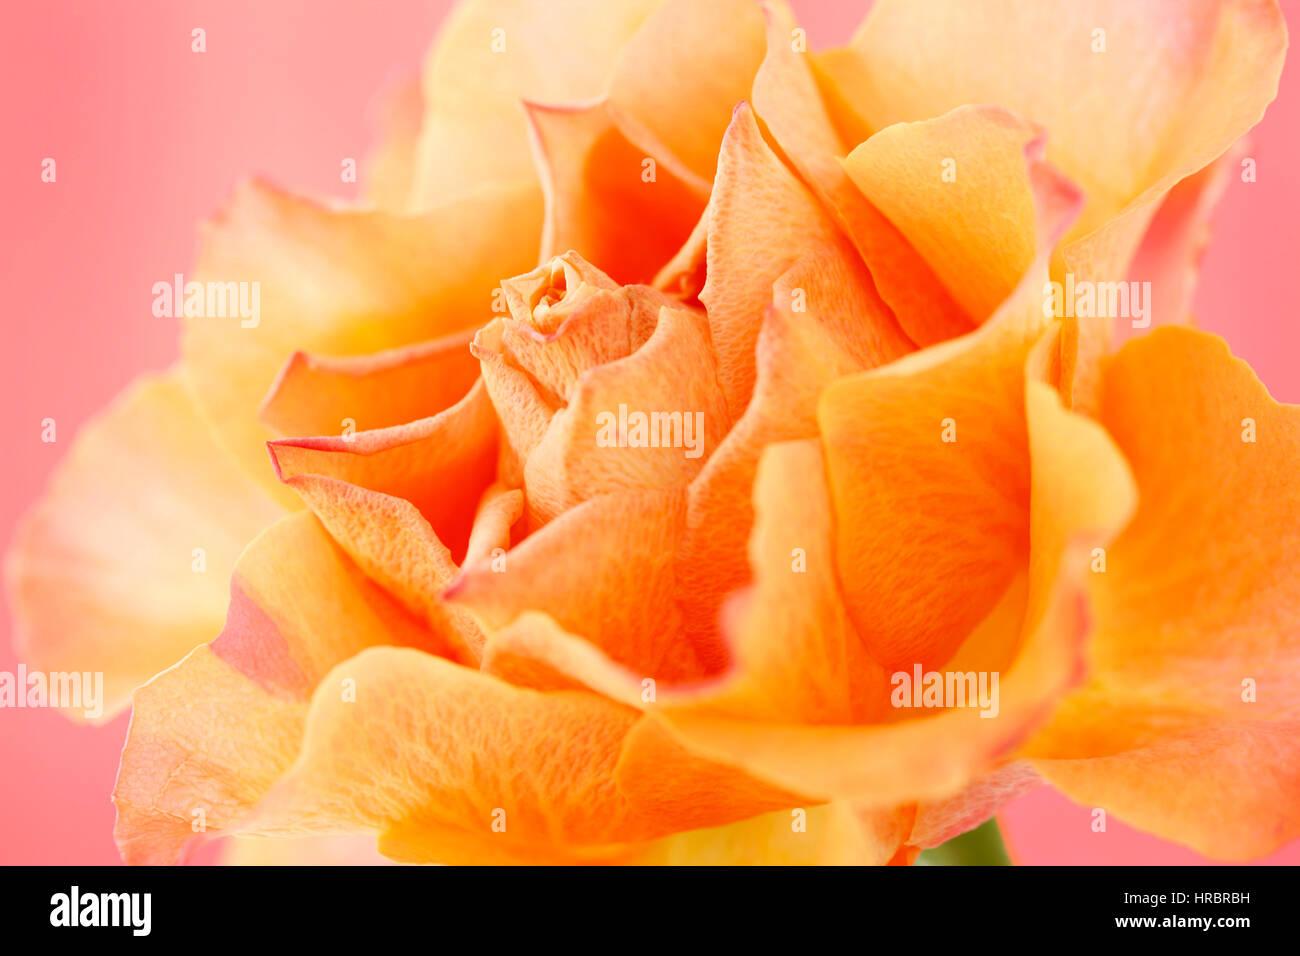 schöne orange Rose auf rosa Stillleben - Konzept alternde Jane Ann Butler Fotografie JABP1841 Stockbild